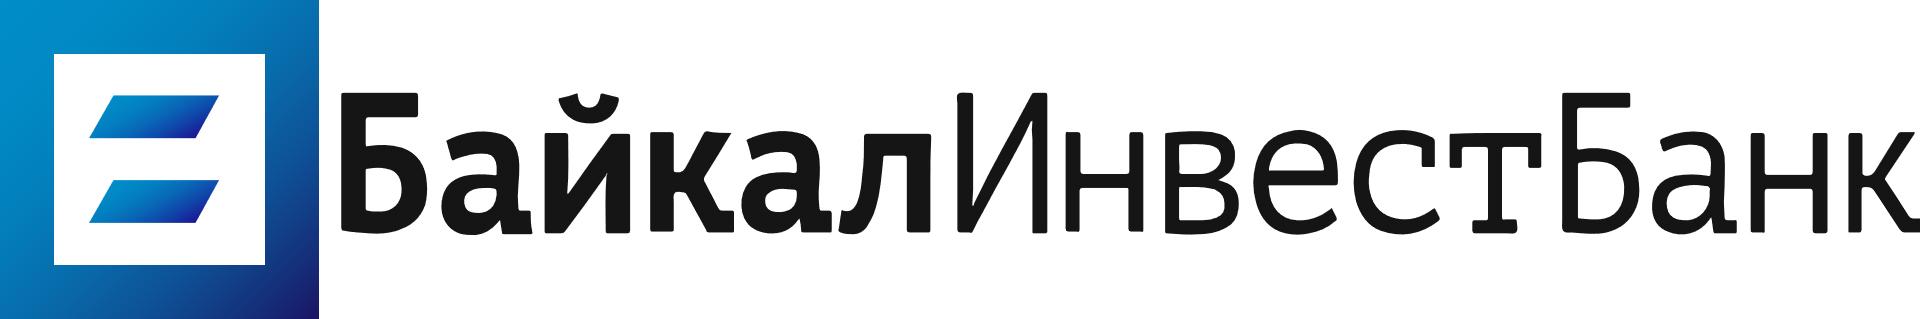 БайкалИнвестБанк банк